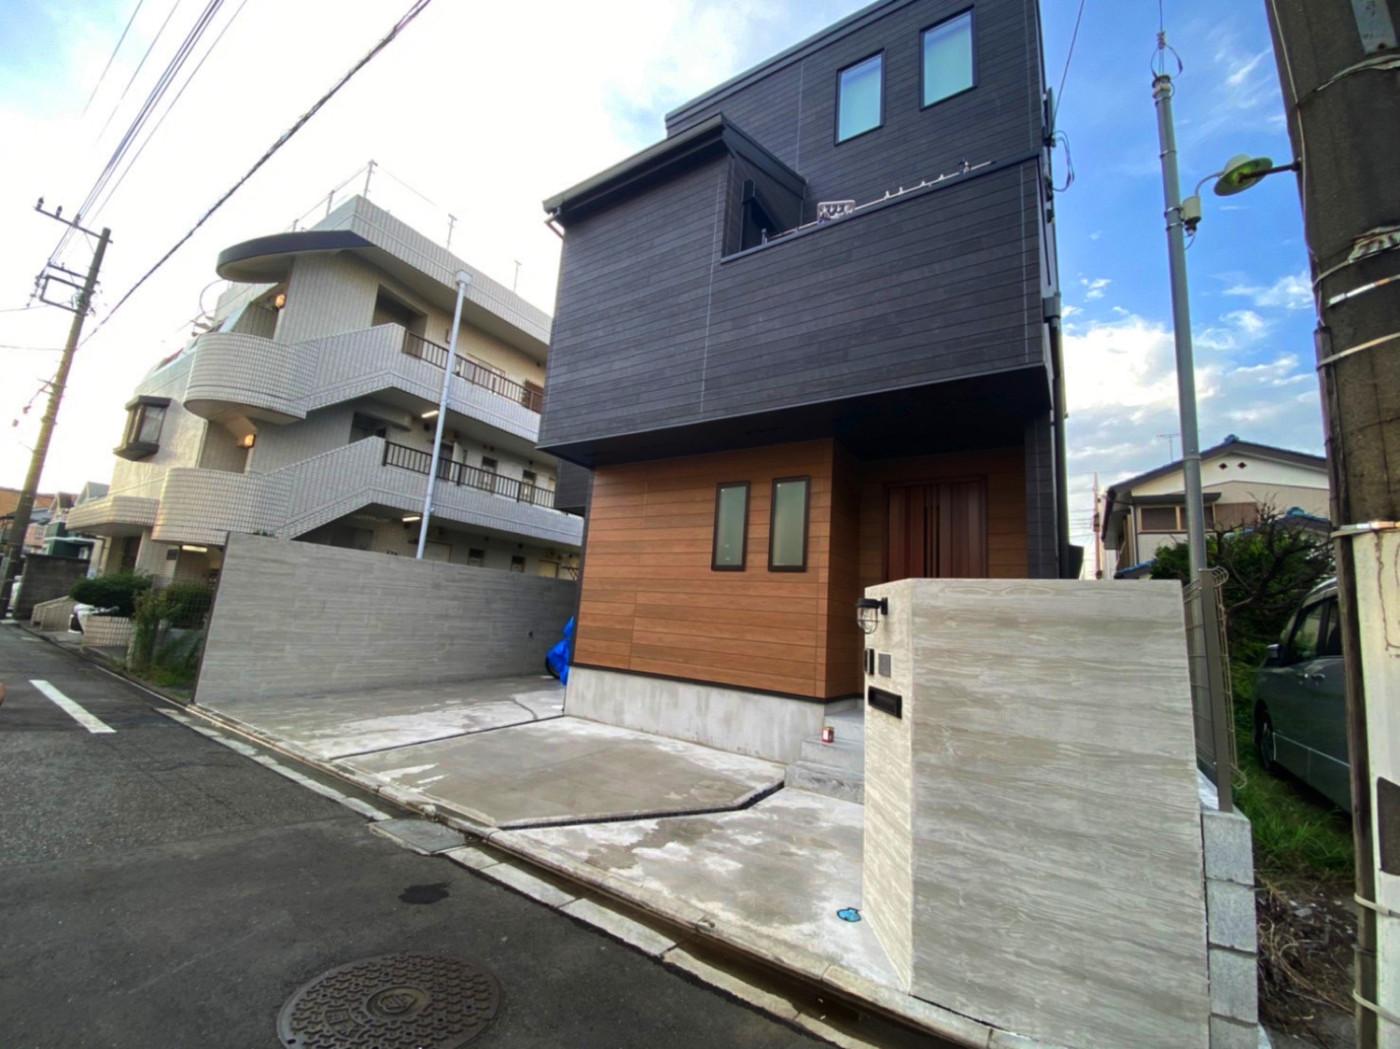 神奈川県 株式会社 琴美建設 グランドアートウォール施工イメージ3494_01